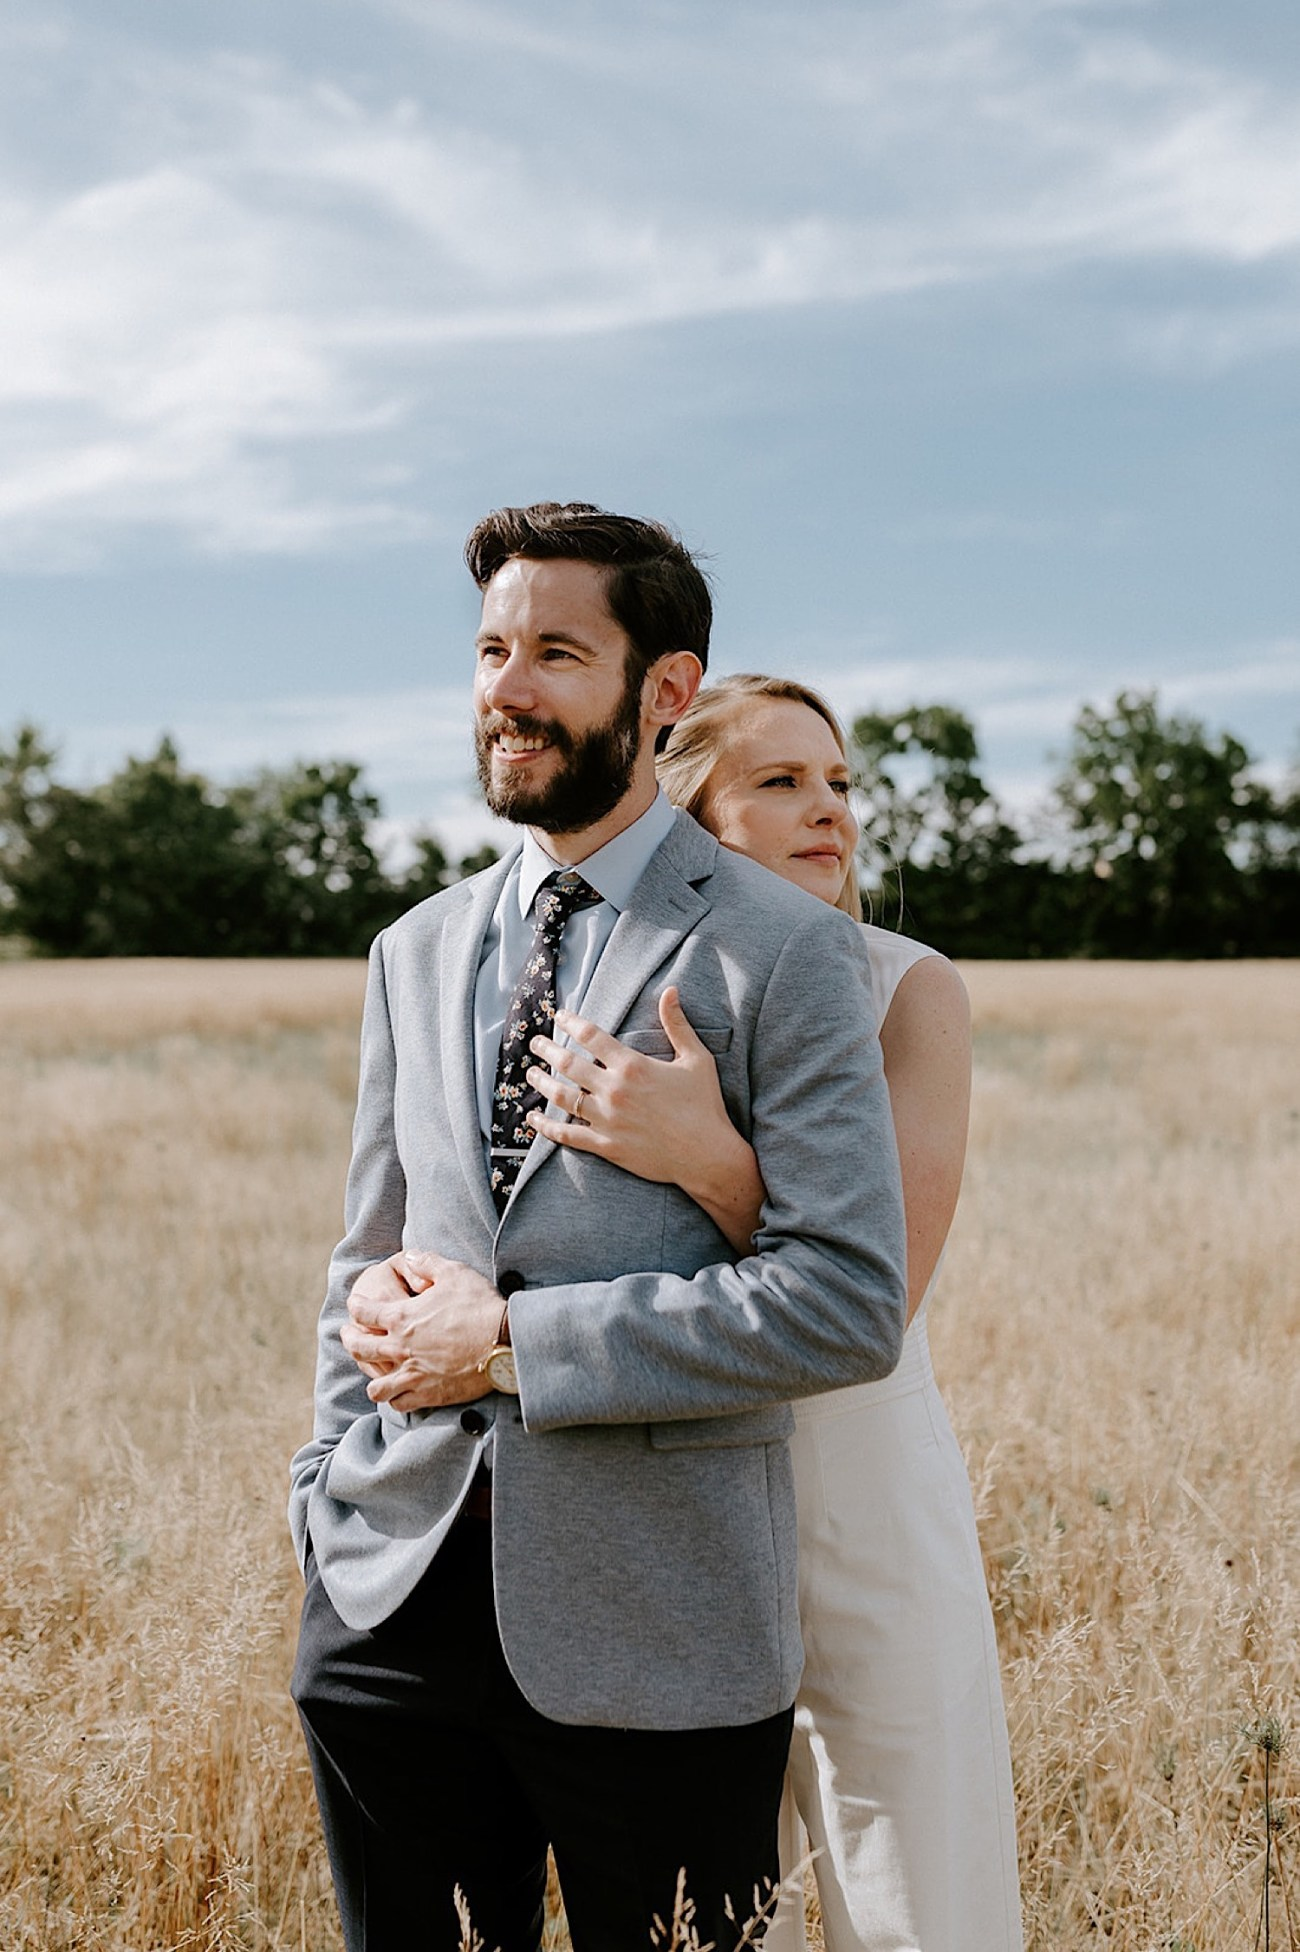 169 Backyard Wedding New Jersey Wedding Photographer Summer Elopement